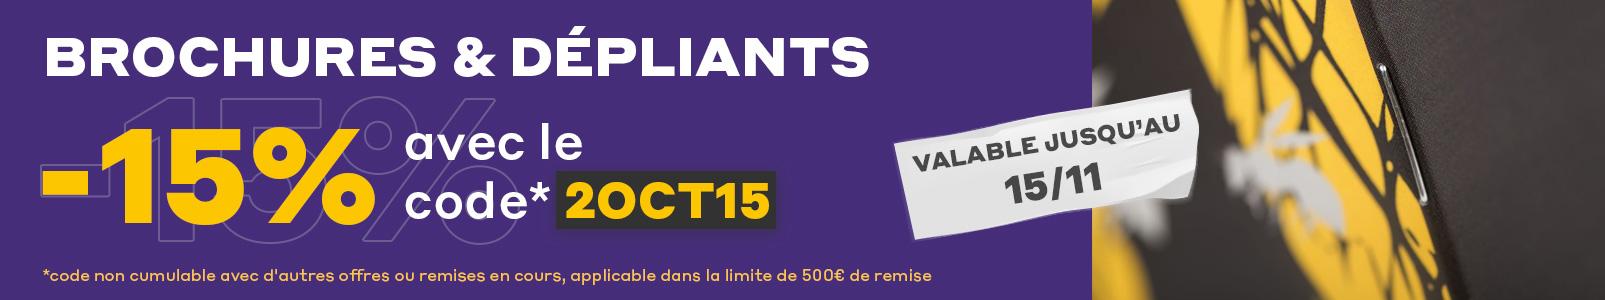 brochure-depliant-2oct15